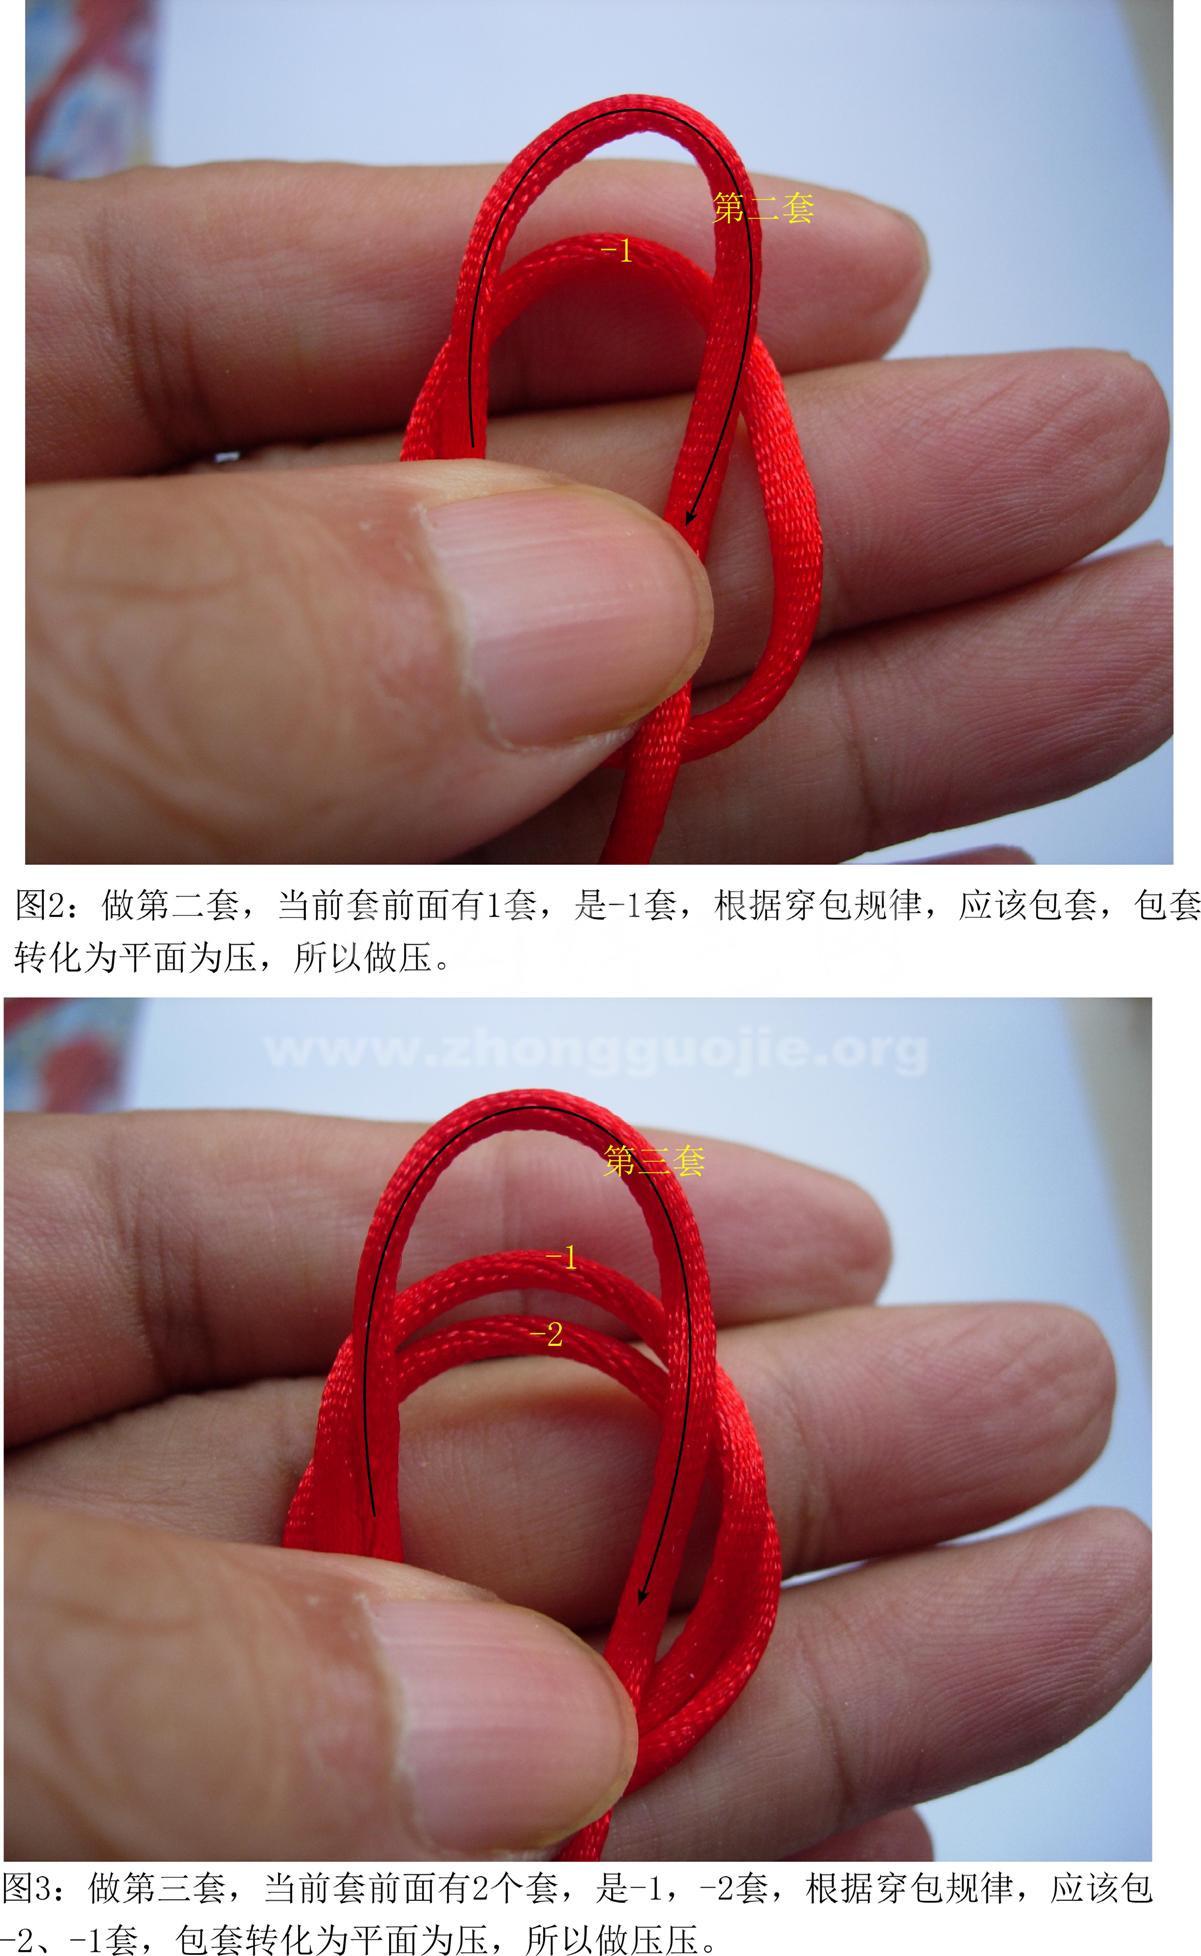 中国结论坛 8套1-2星辰结徒手编结过程  丑丑徒手编结 123508fvez2n2822gvk2oo